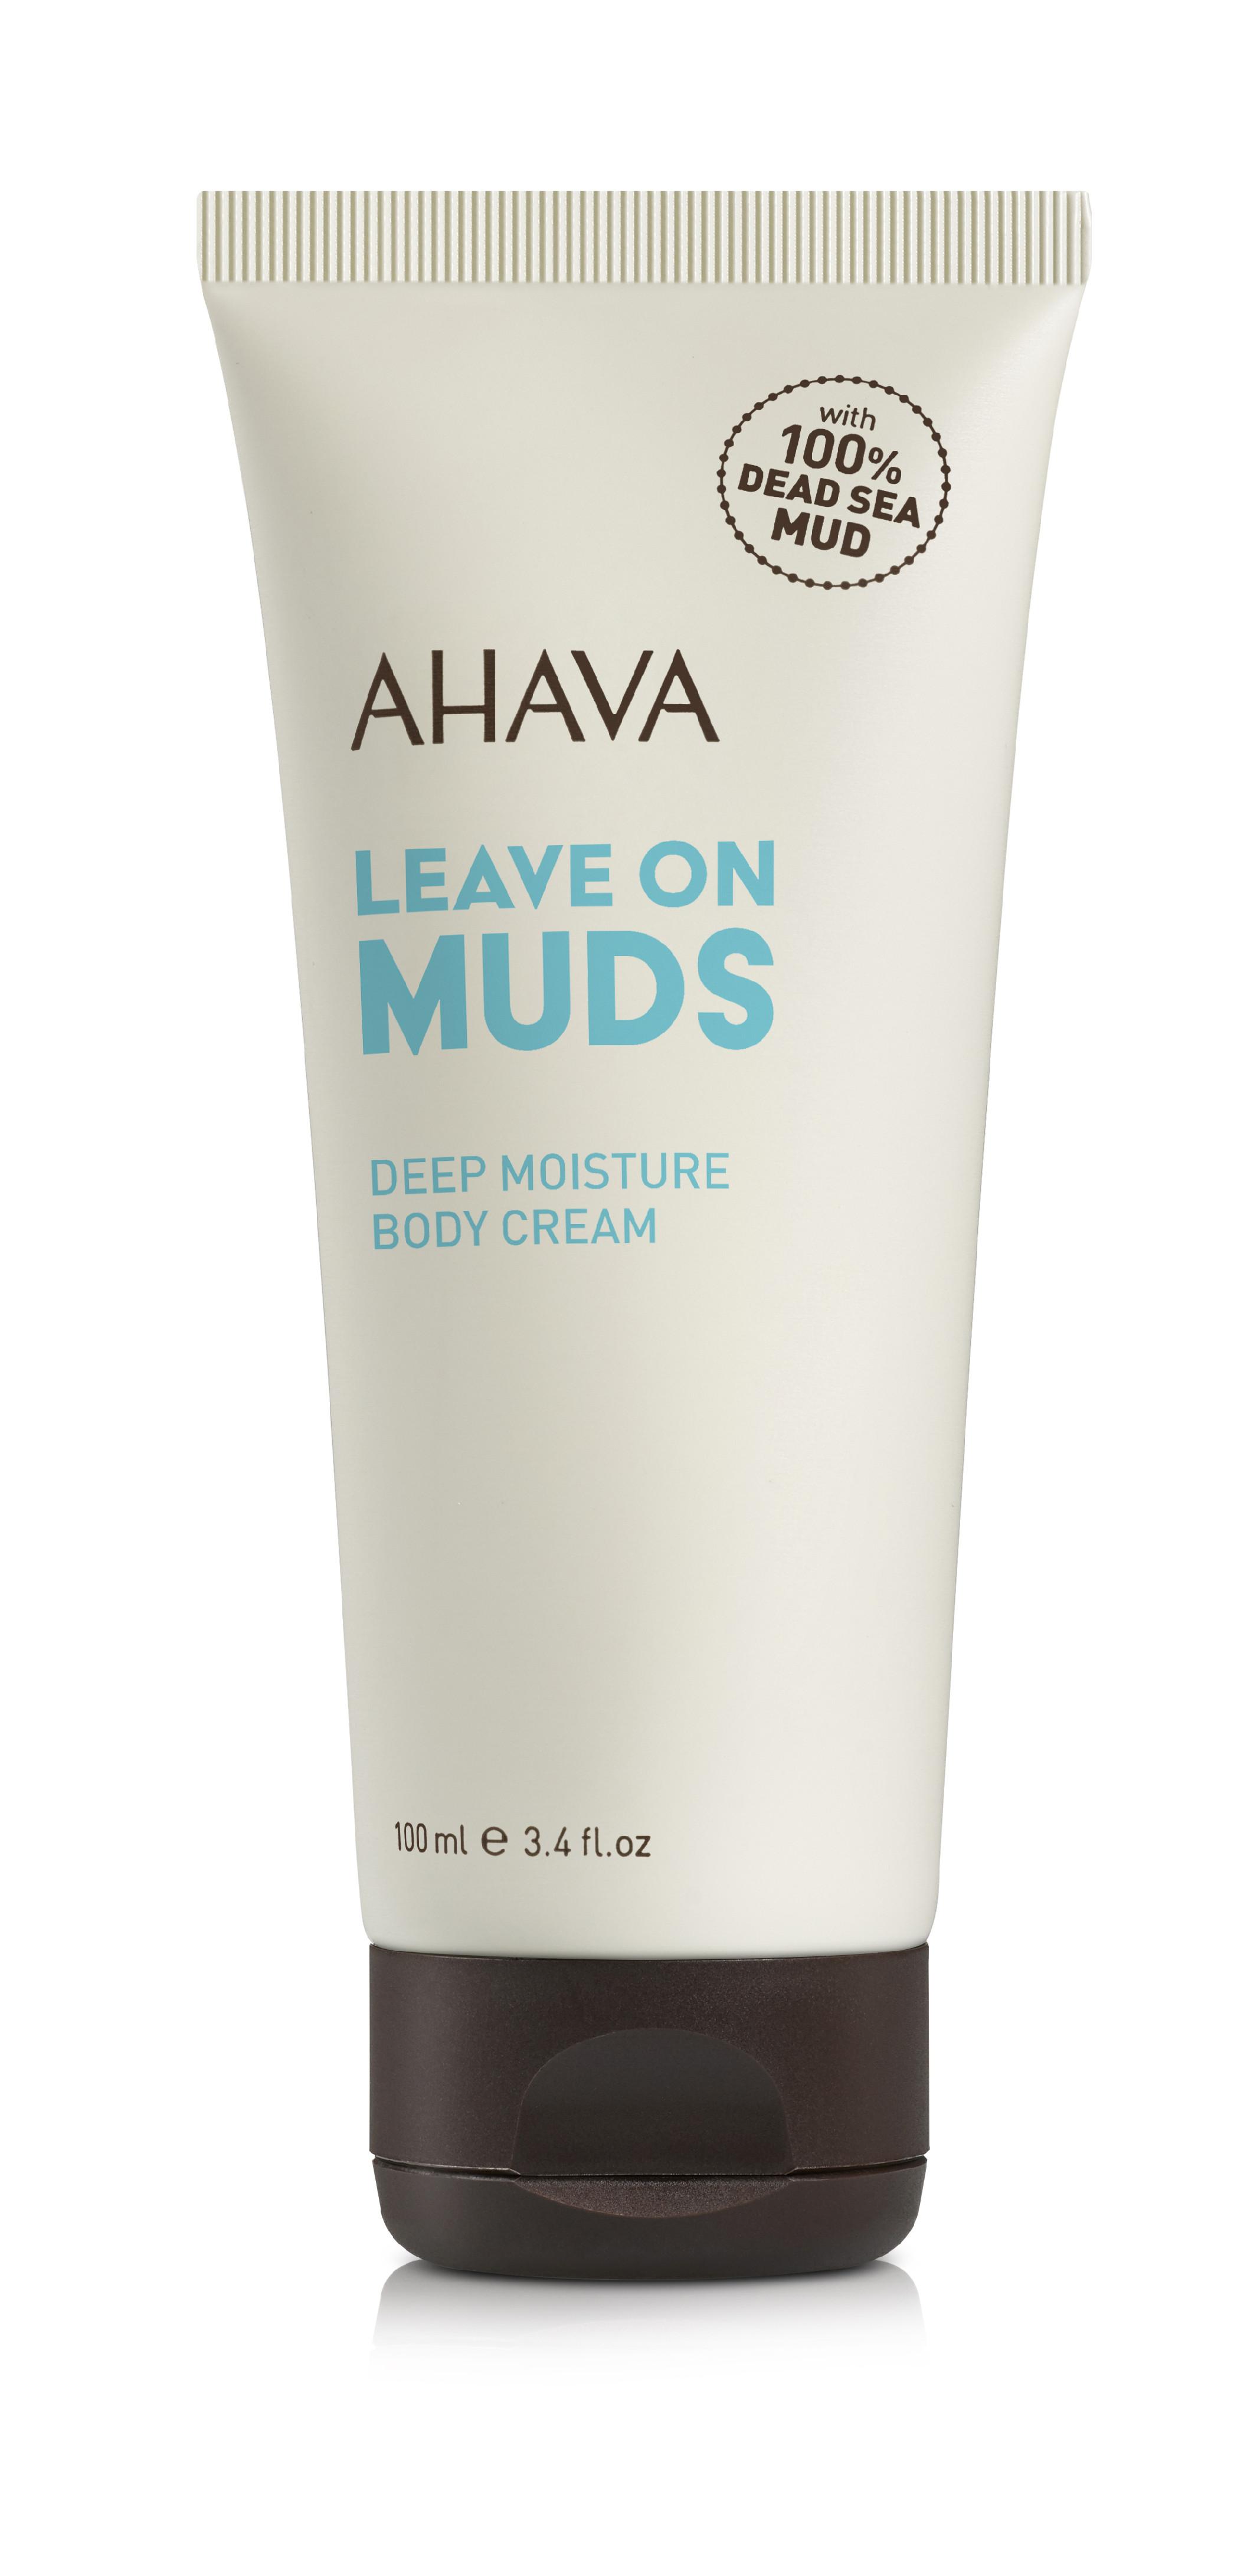 AHAVA Hloubkově hydratační tělový krém Leave on Muds 100ml